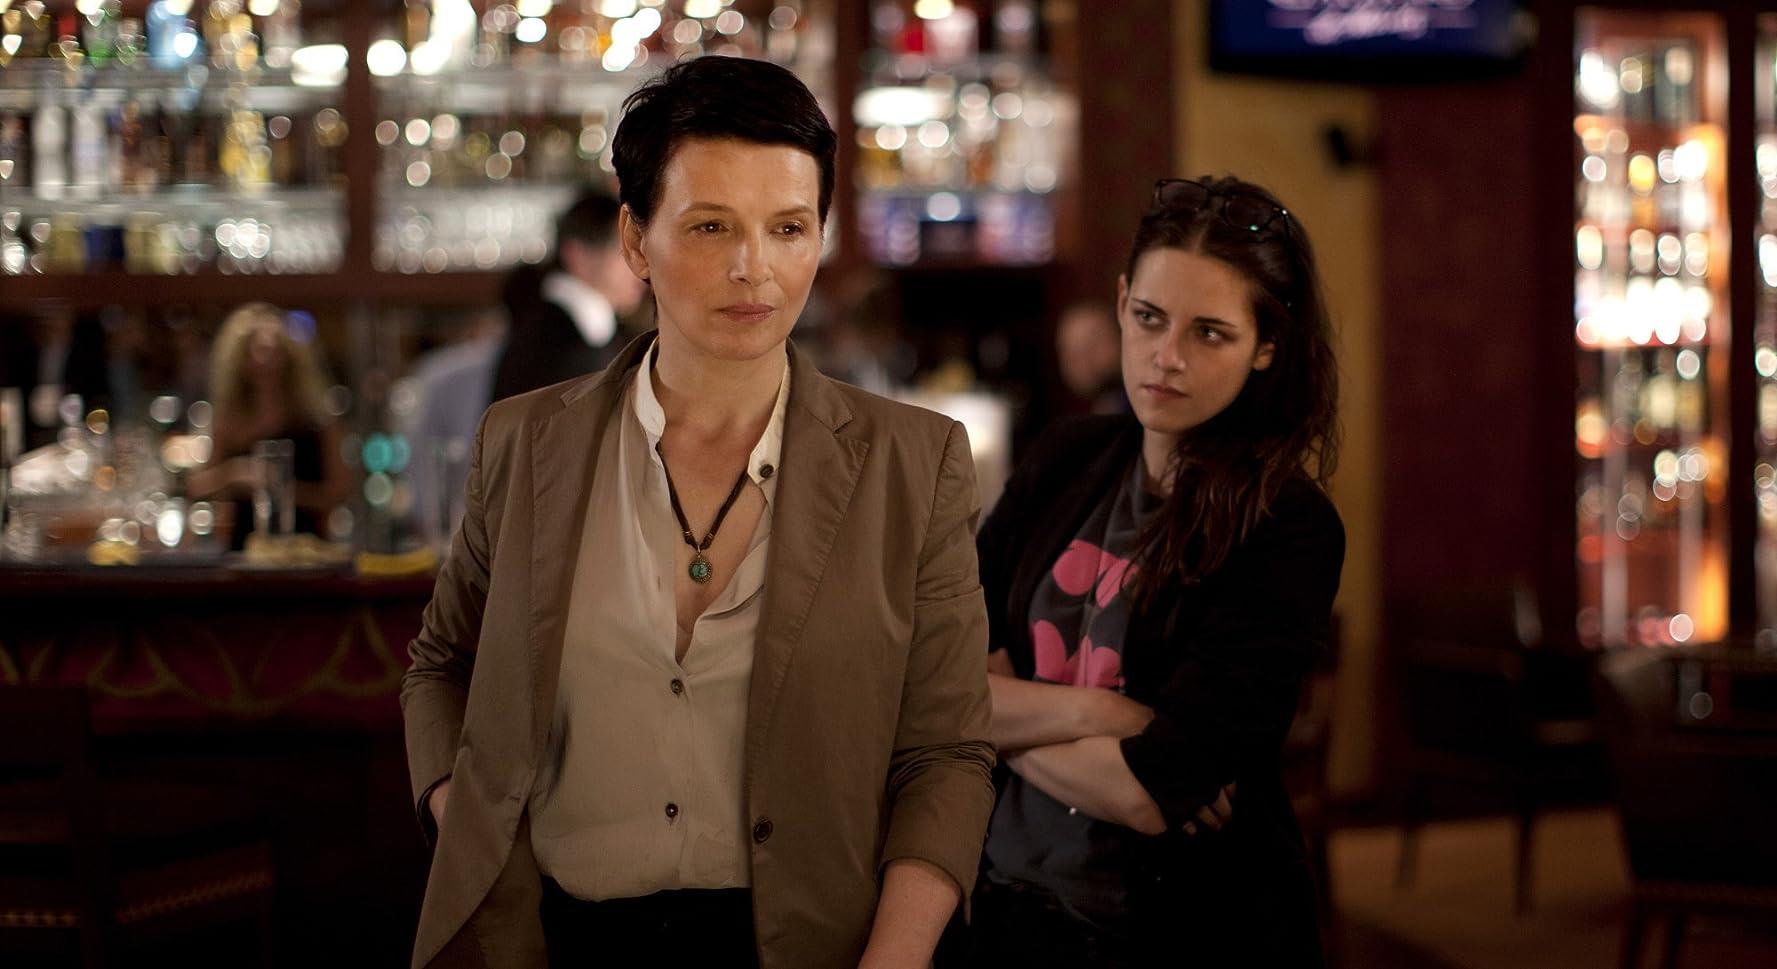 Juliette Binoche and Kristen Stewart in Clouds of Sils Maria (2014)